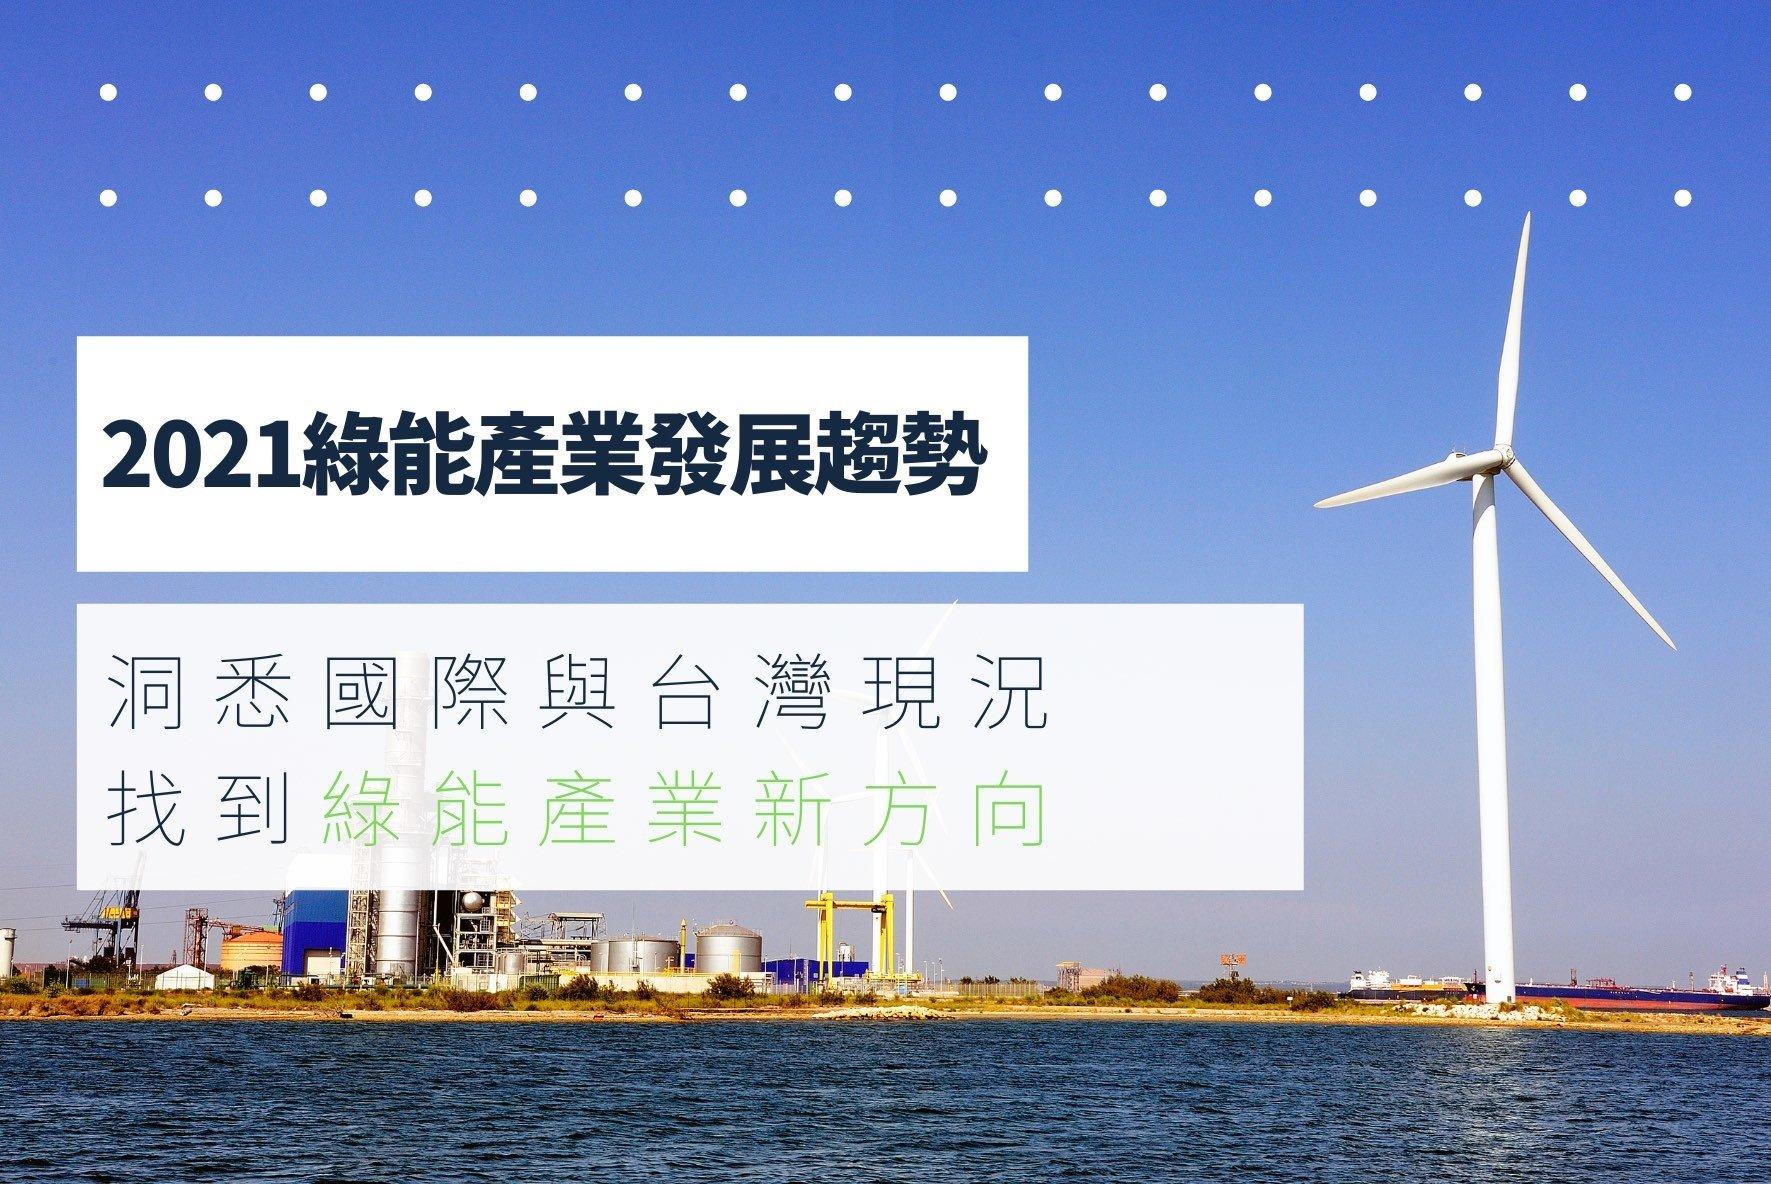 2021綠能產業發展趨勢|洞悉國際與台灣現況,找到綠能產業新方向